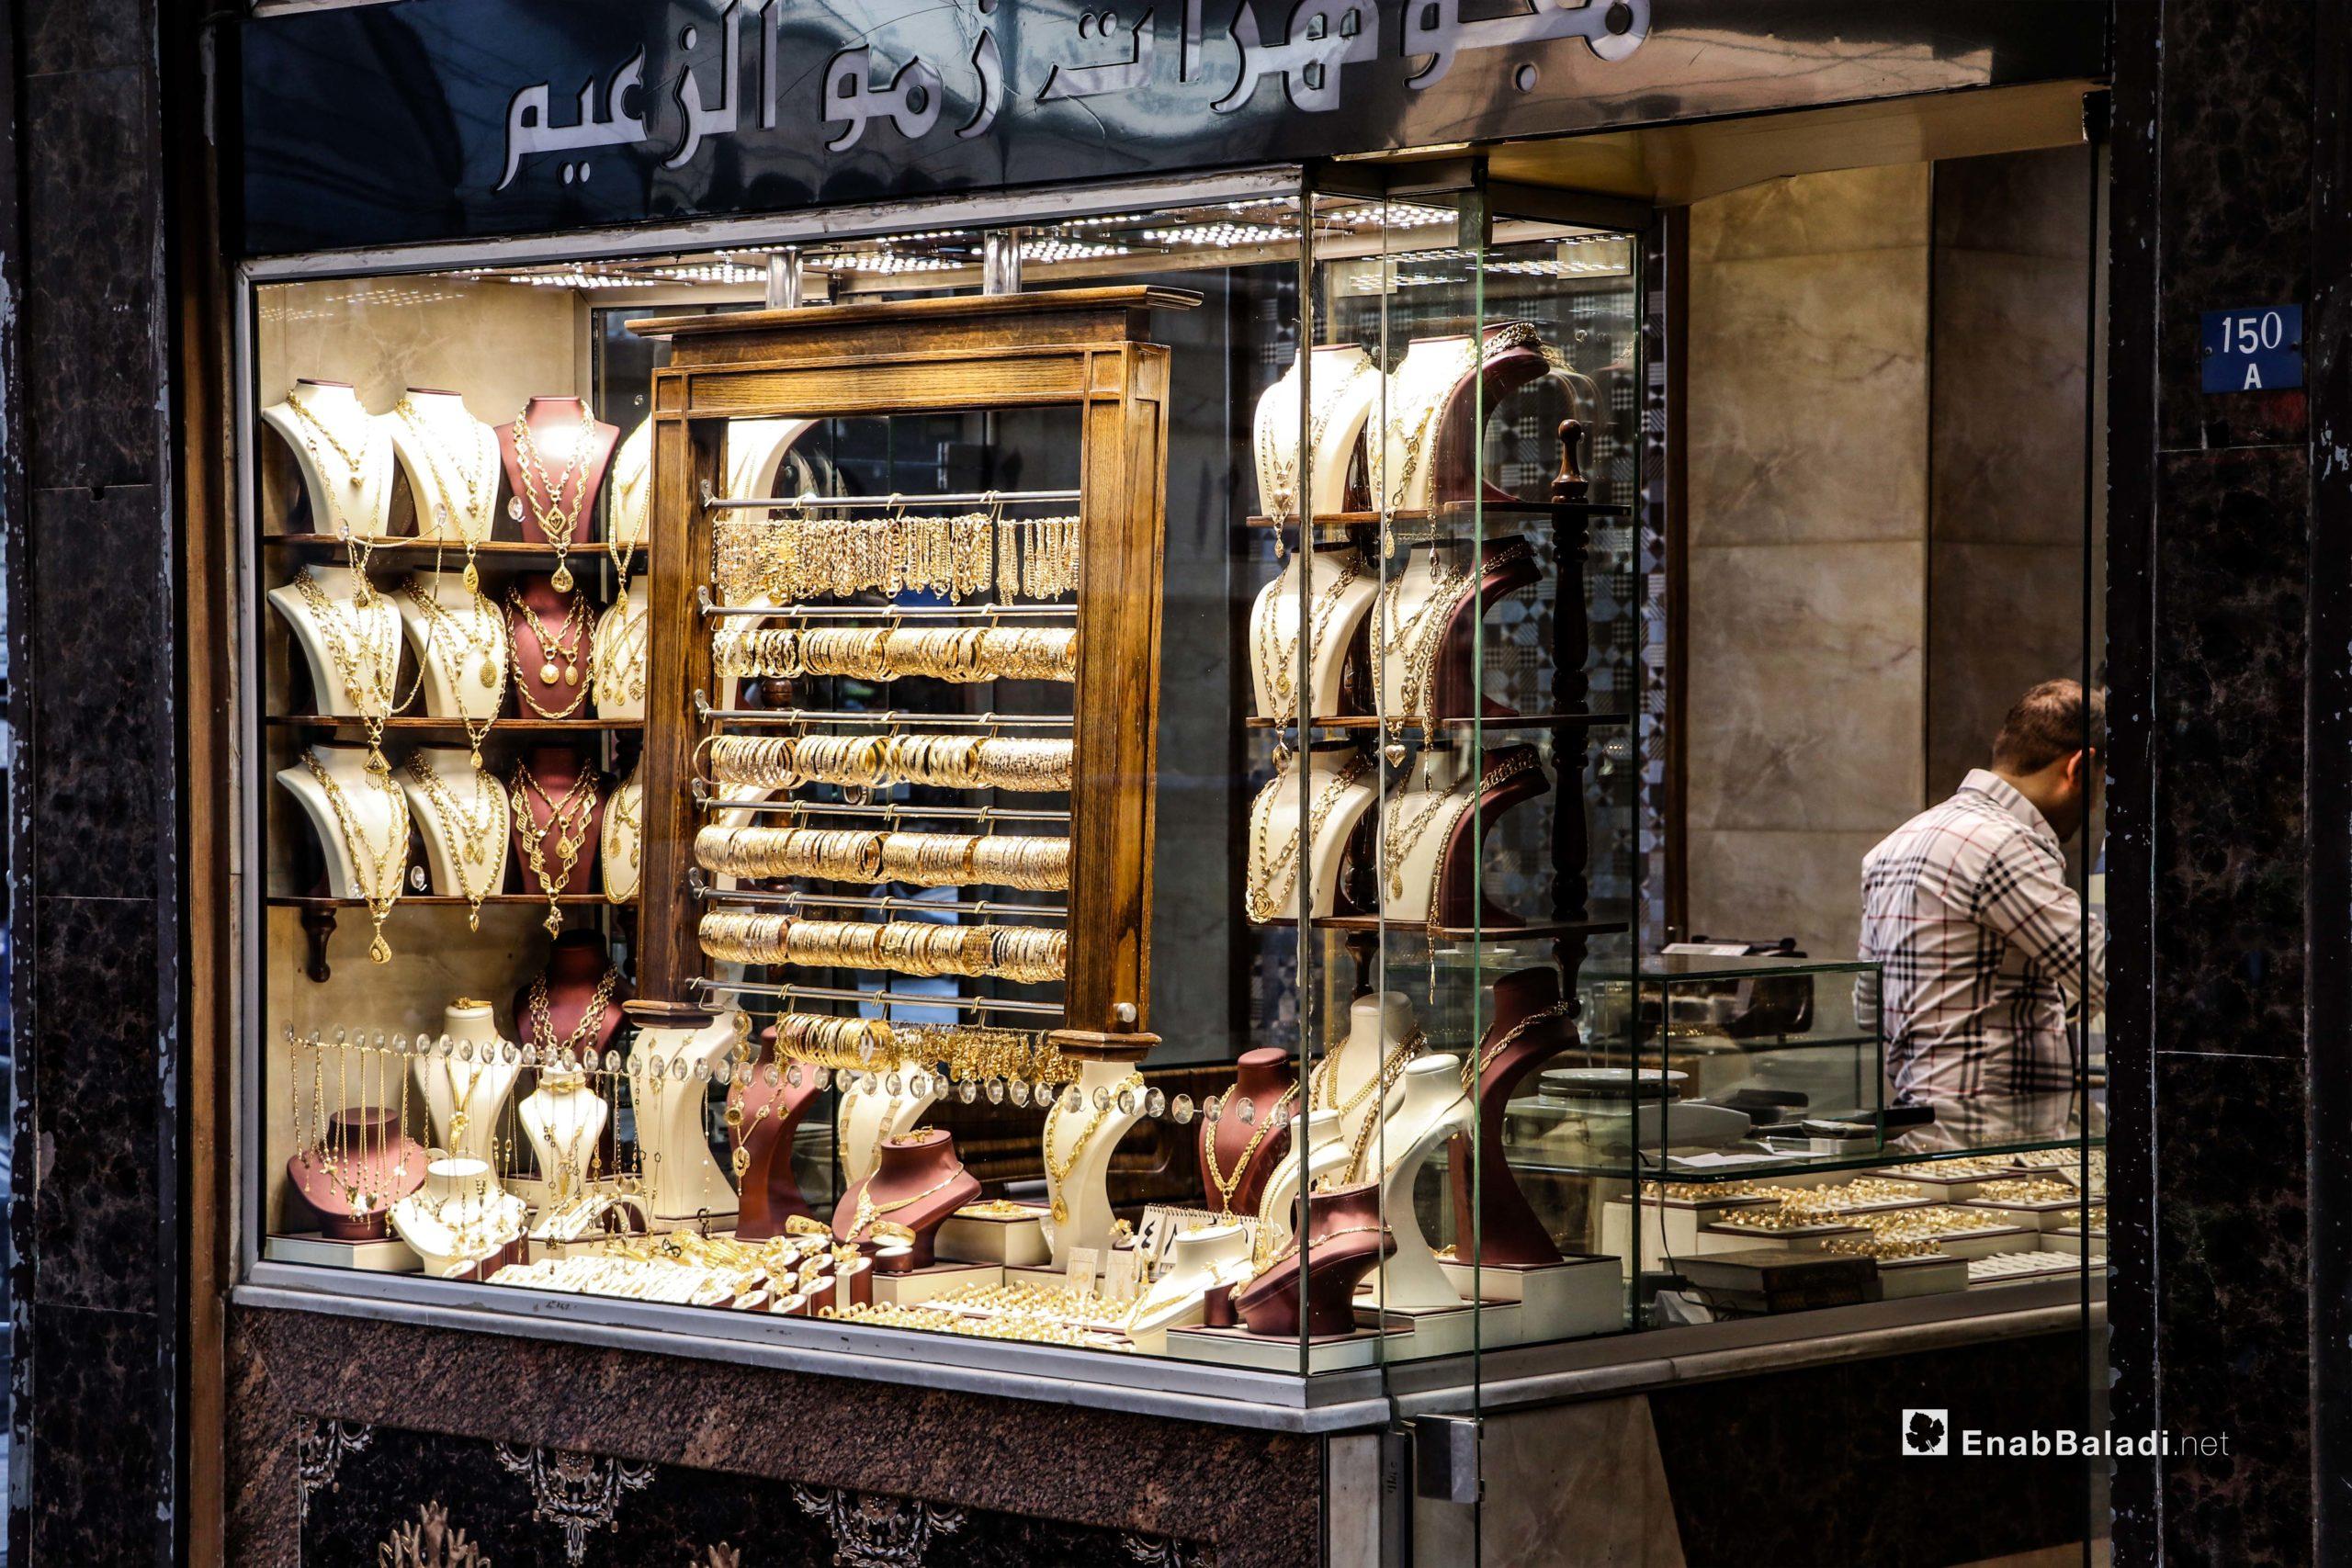 محال الذهب والصاغة والصرافة في مدينة الباب بريف حلب الشمالي /04 حزيران2020 (عنب بلدي / عاصم ملحم)